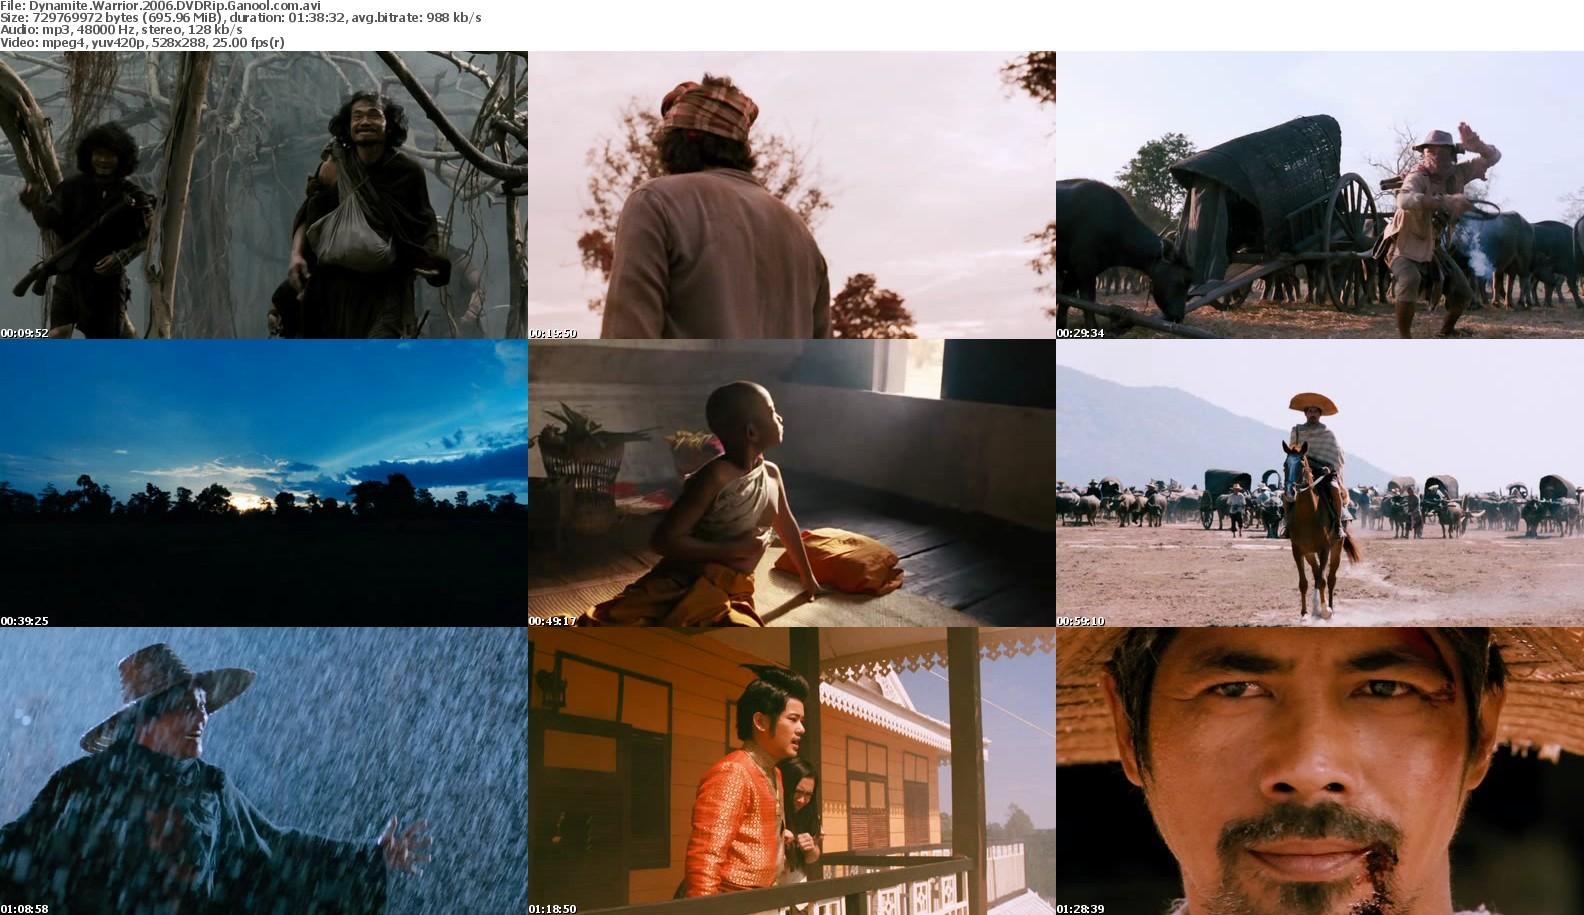 Dynamite Warrior (2006) DVDRip